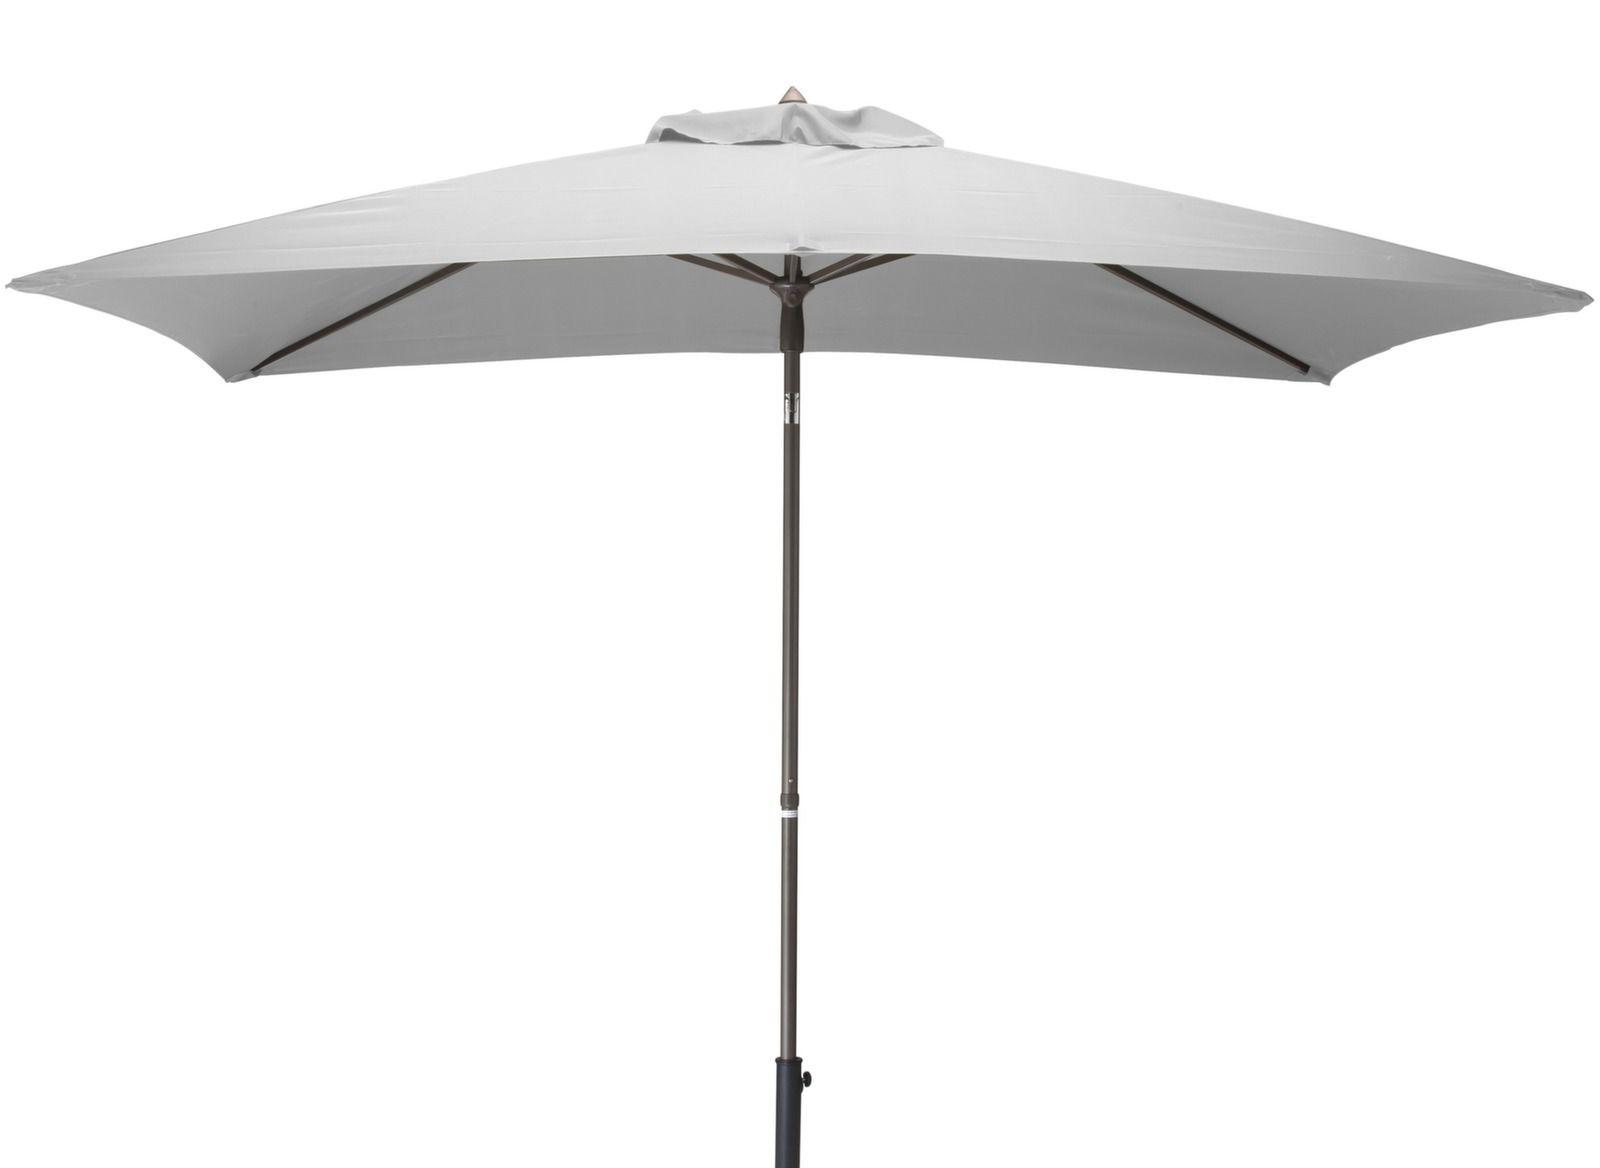 Parasol rectangulaire inclinable 3x2m   Meubles de jardin   Proloisirs